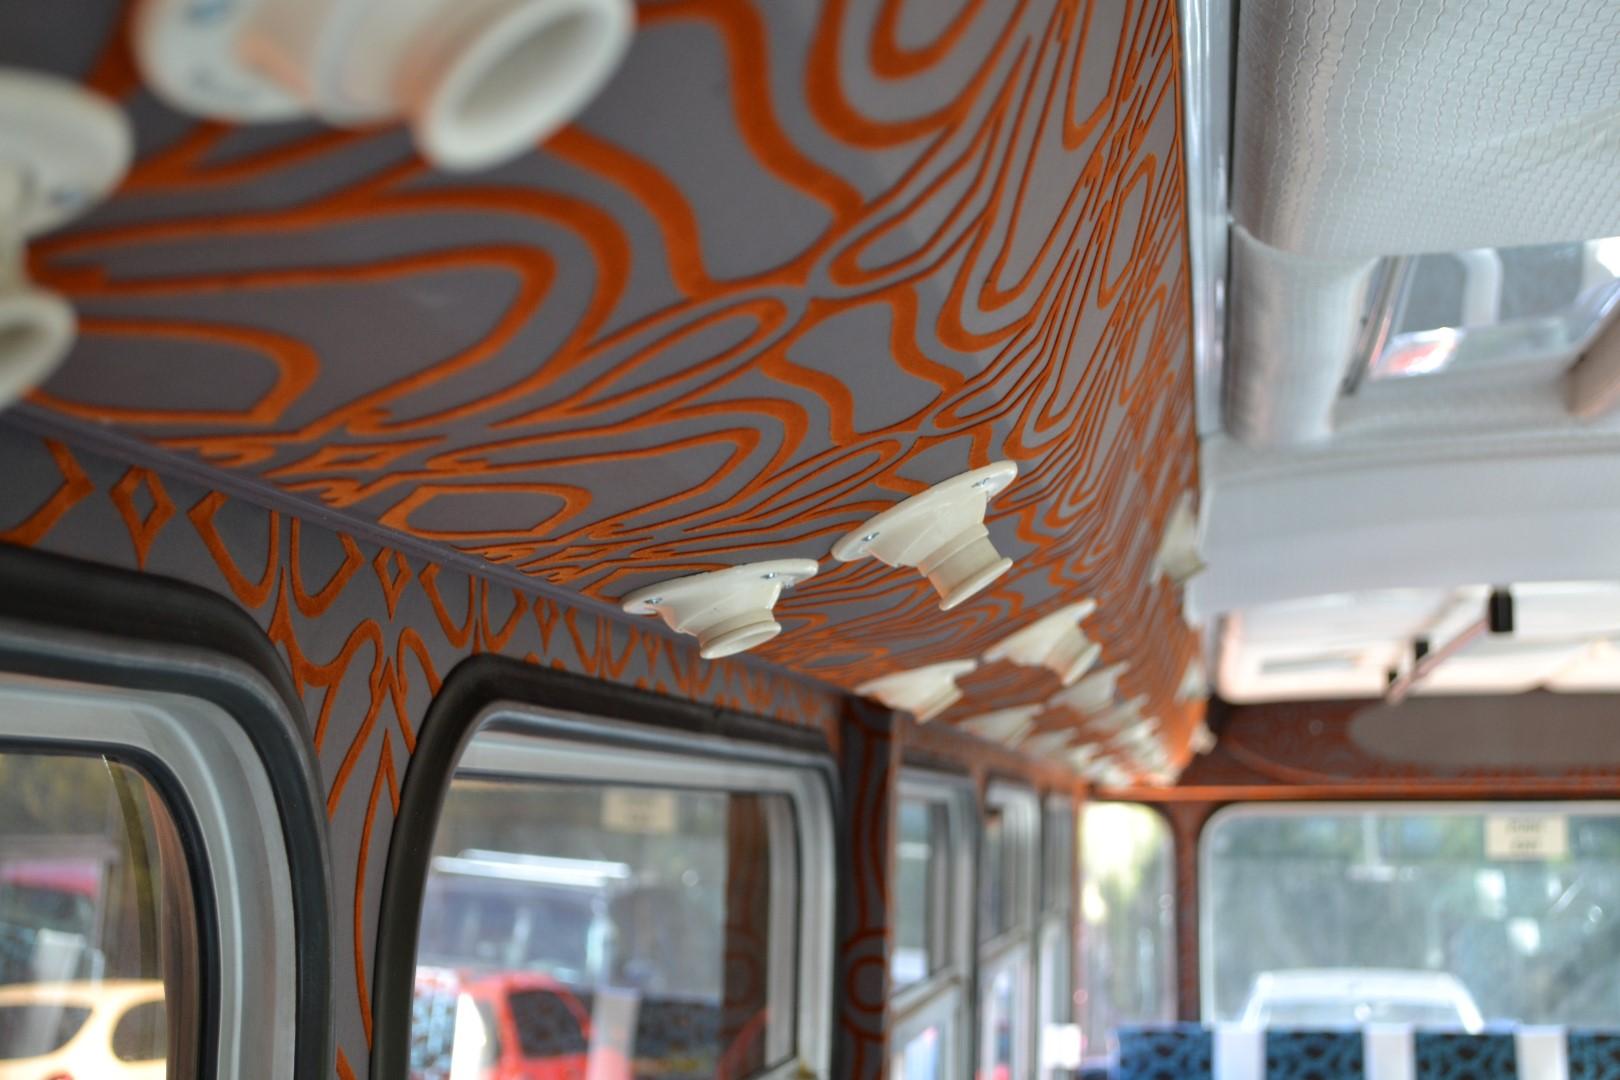 Velvet Lounge Party Bus Wallpaper